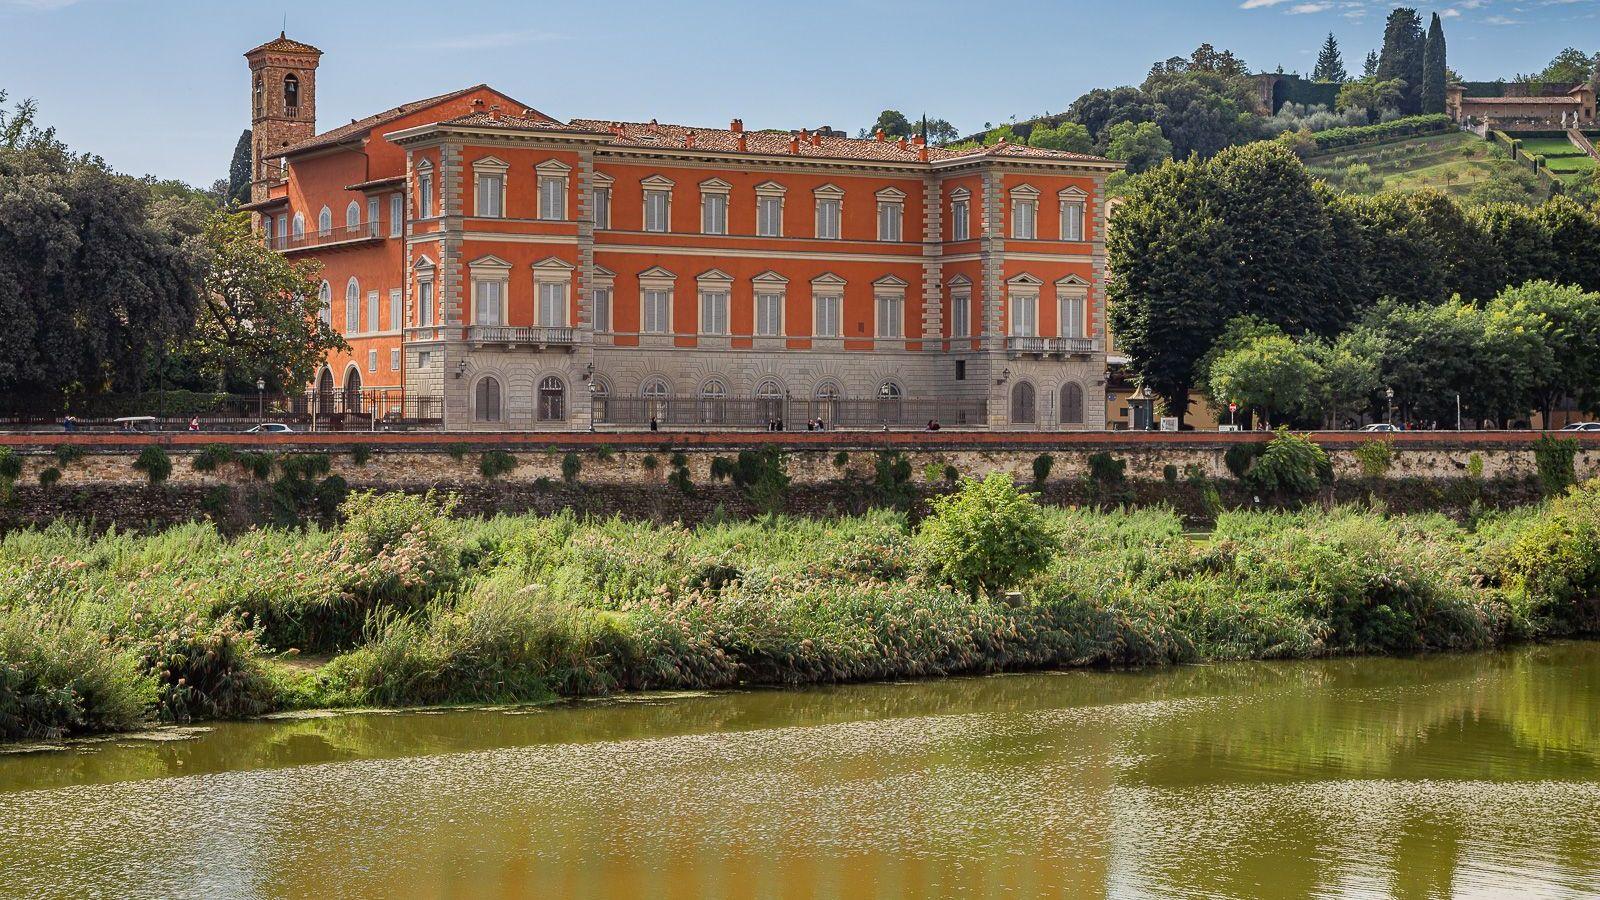 Firenze, Palazzo Serristori diventerà residence extralusso. La sinistra attacca